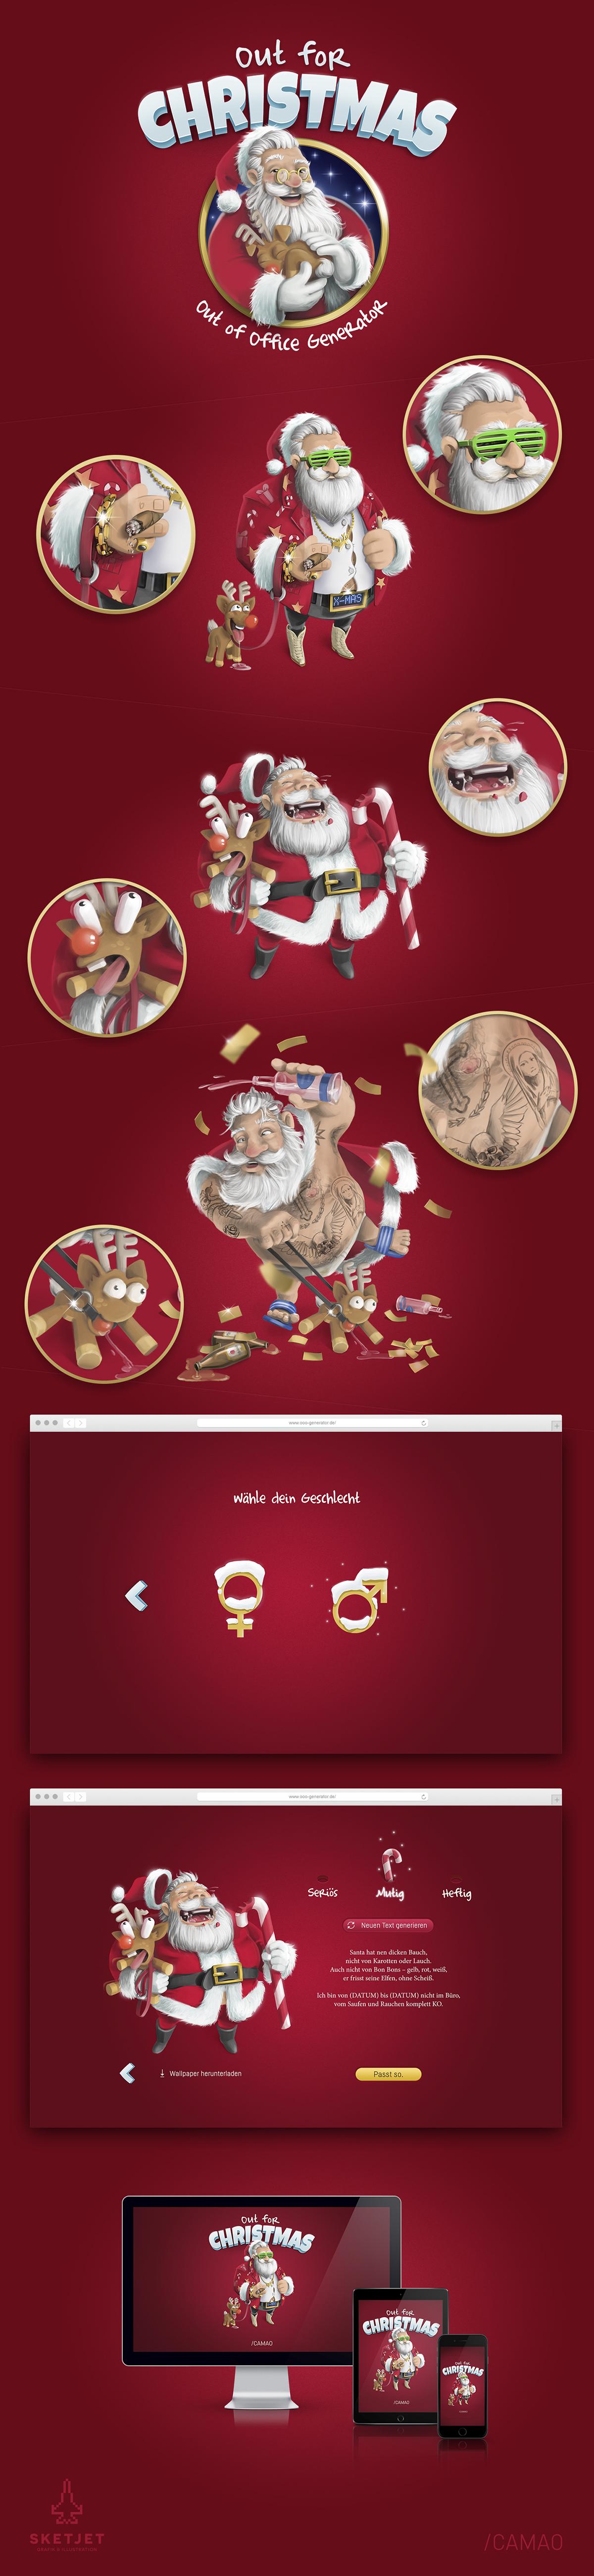 Grafik und Illustration von Jonathan Frübis / Digital Illustration in Adobe Photoshop (Entstanden bei CAMAO AG)